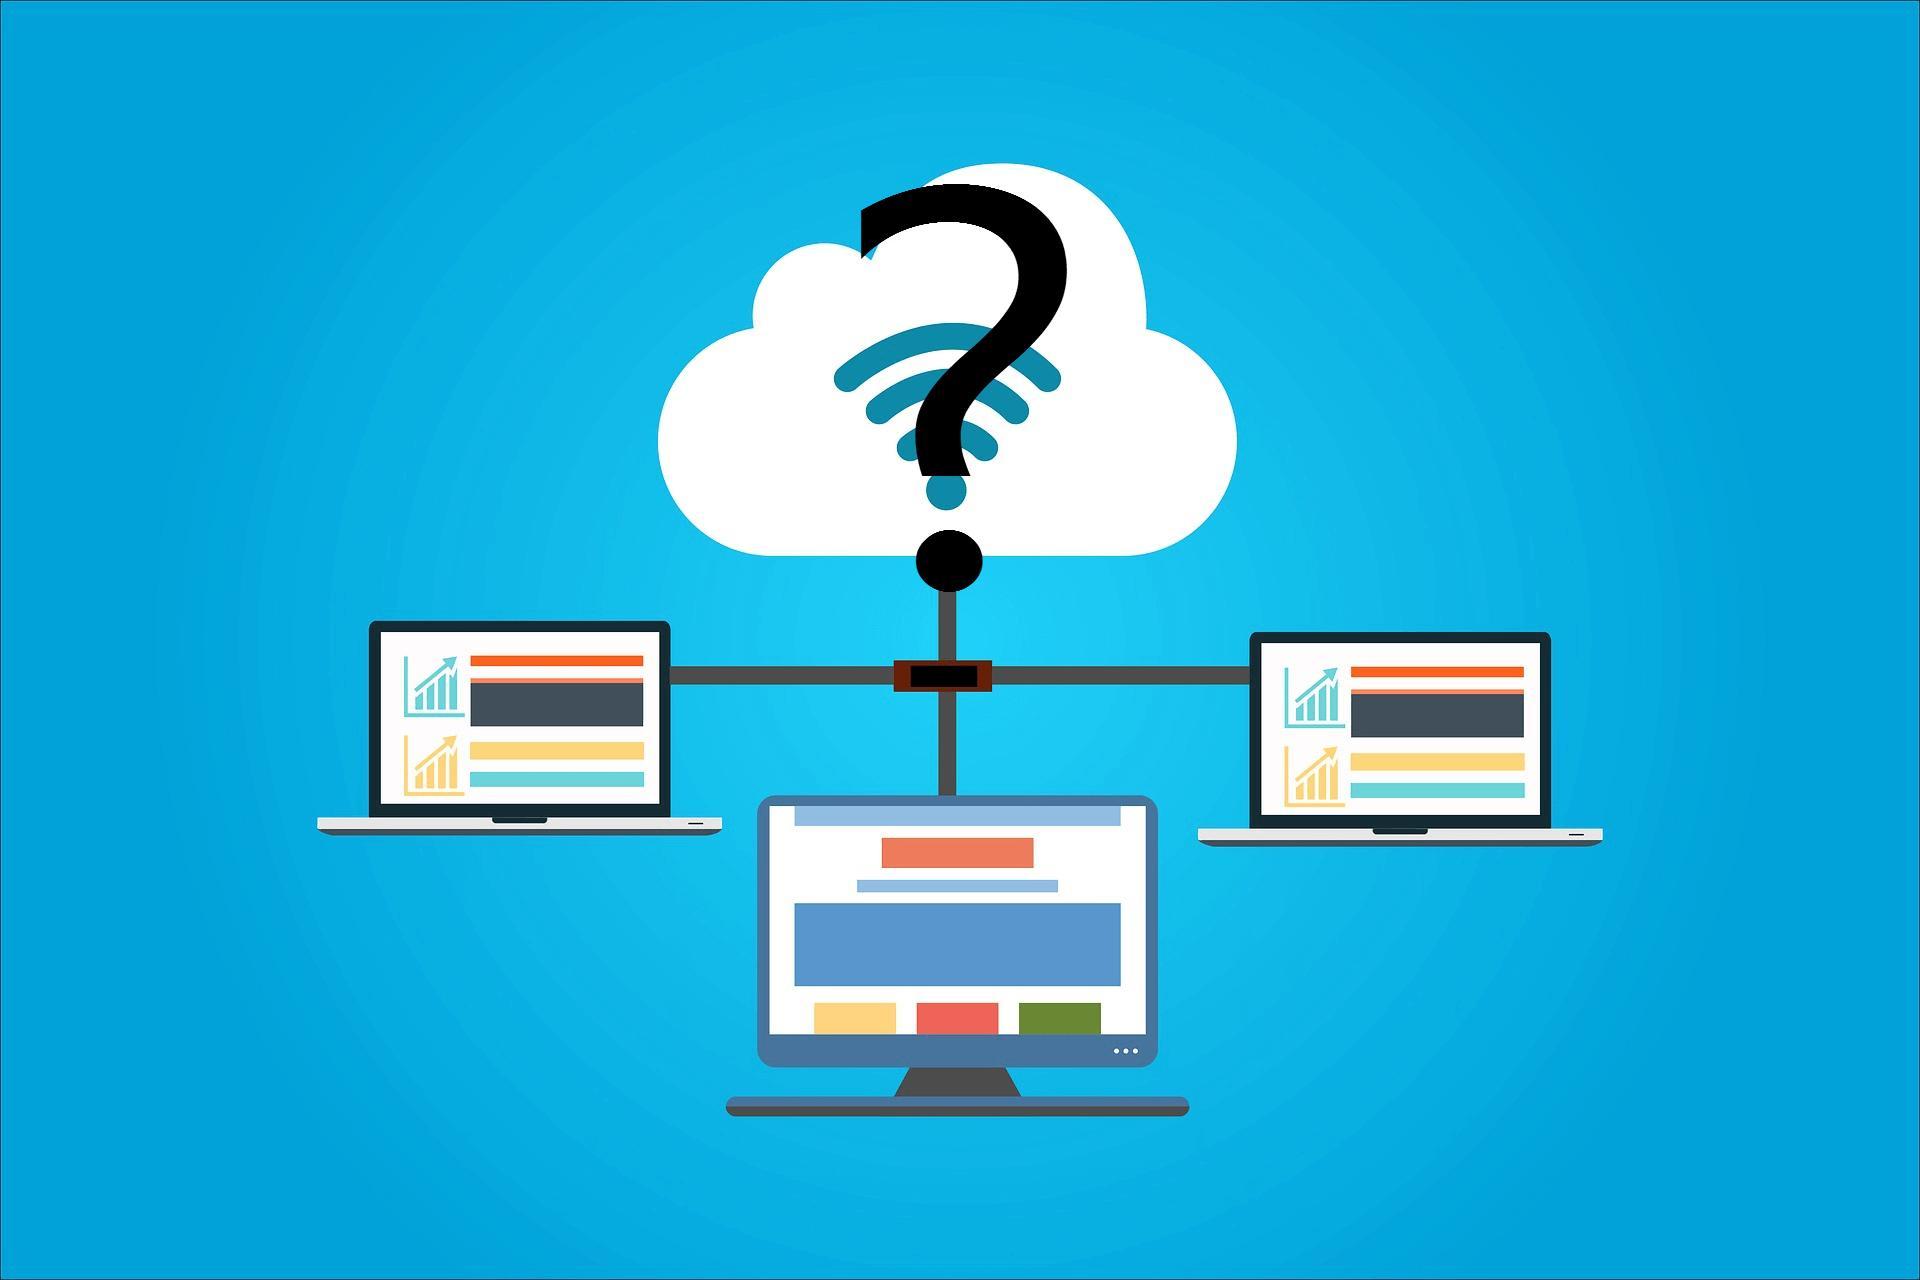 хостинг или выделенный сервер